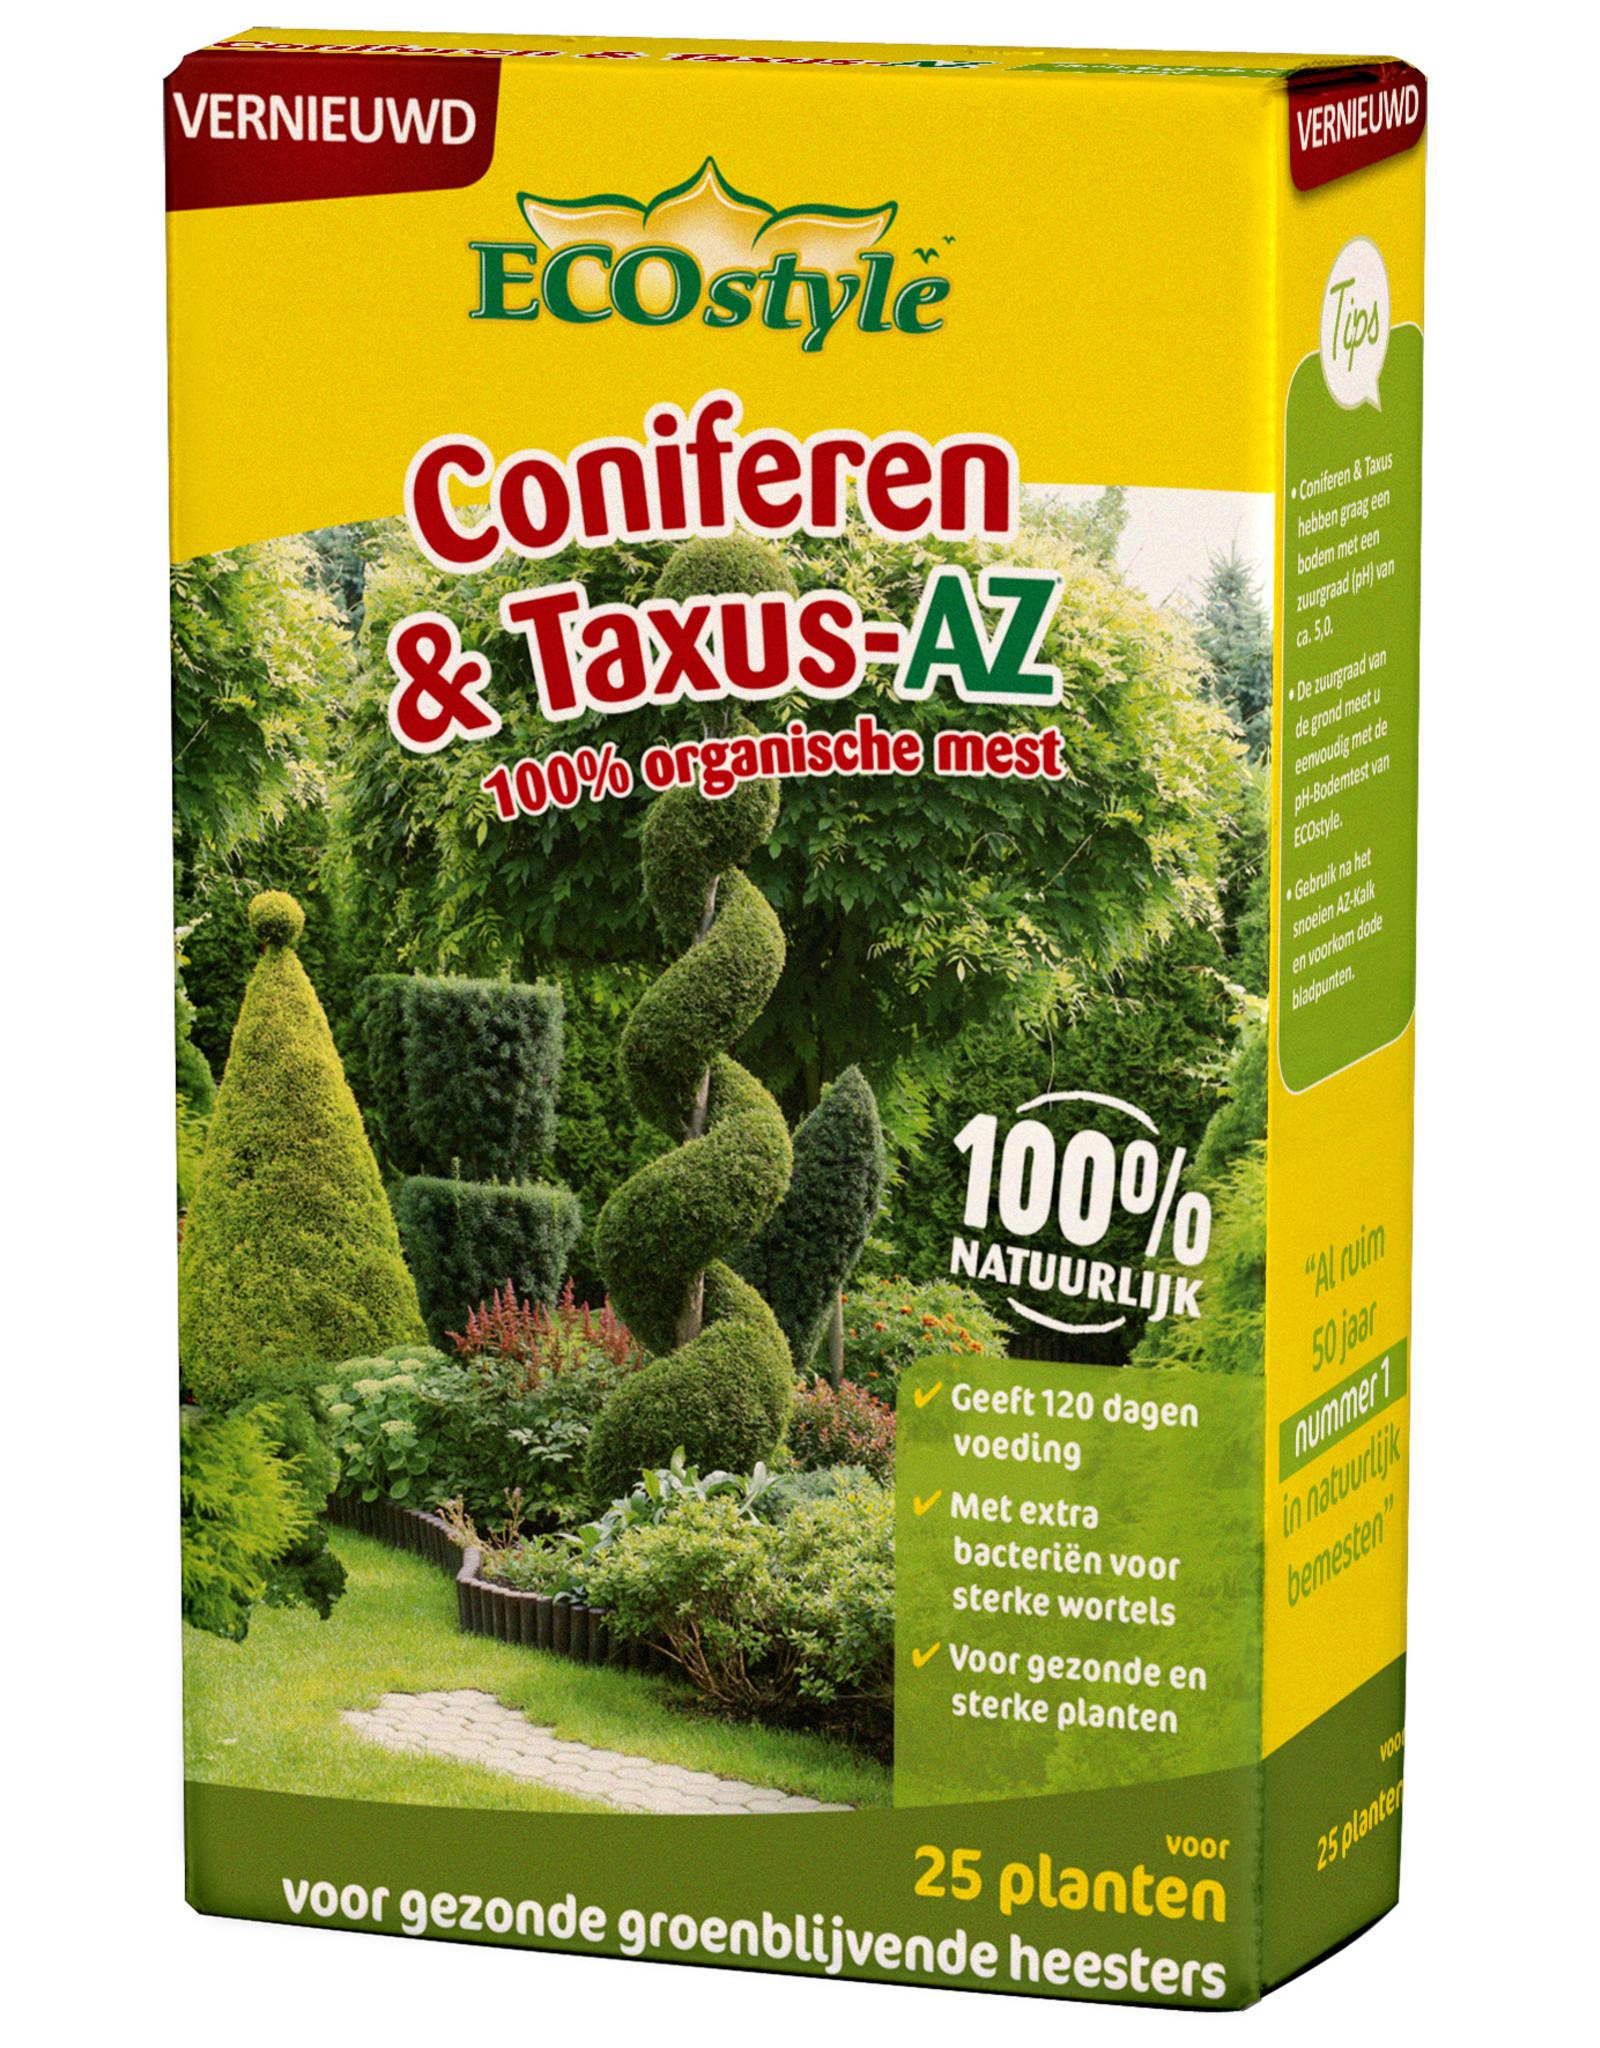 Ecostyle Coniferen & Taxus-AZ 800 gram meststof (voor ca. 25 planten)